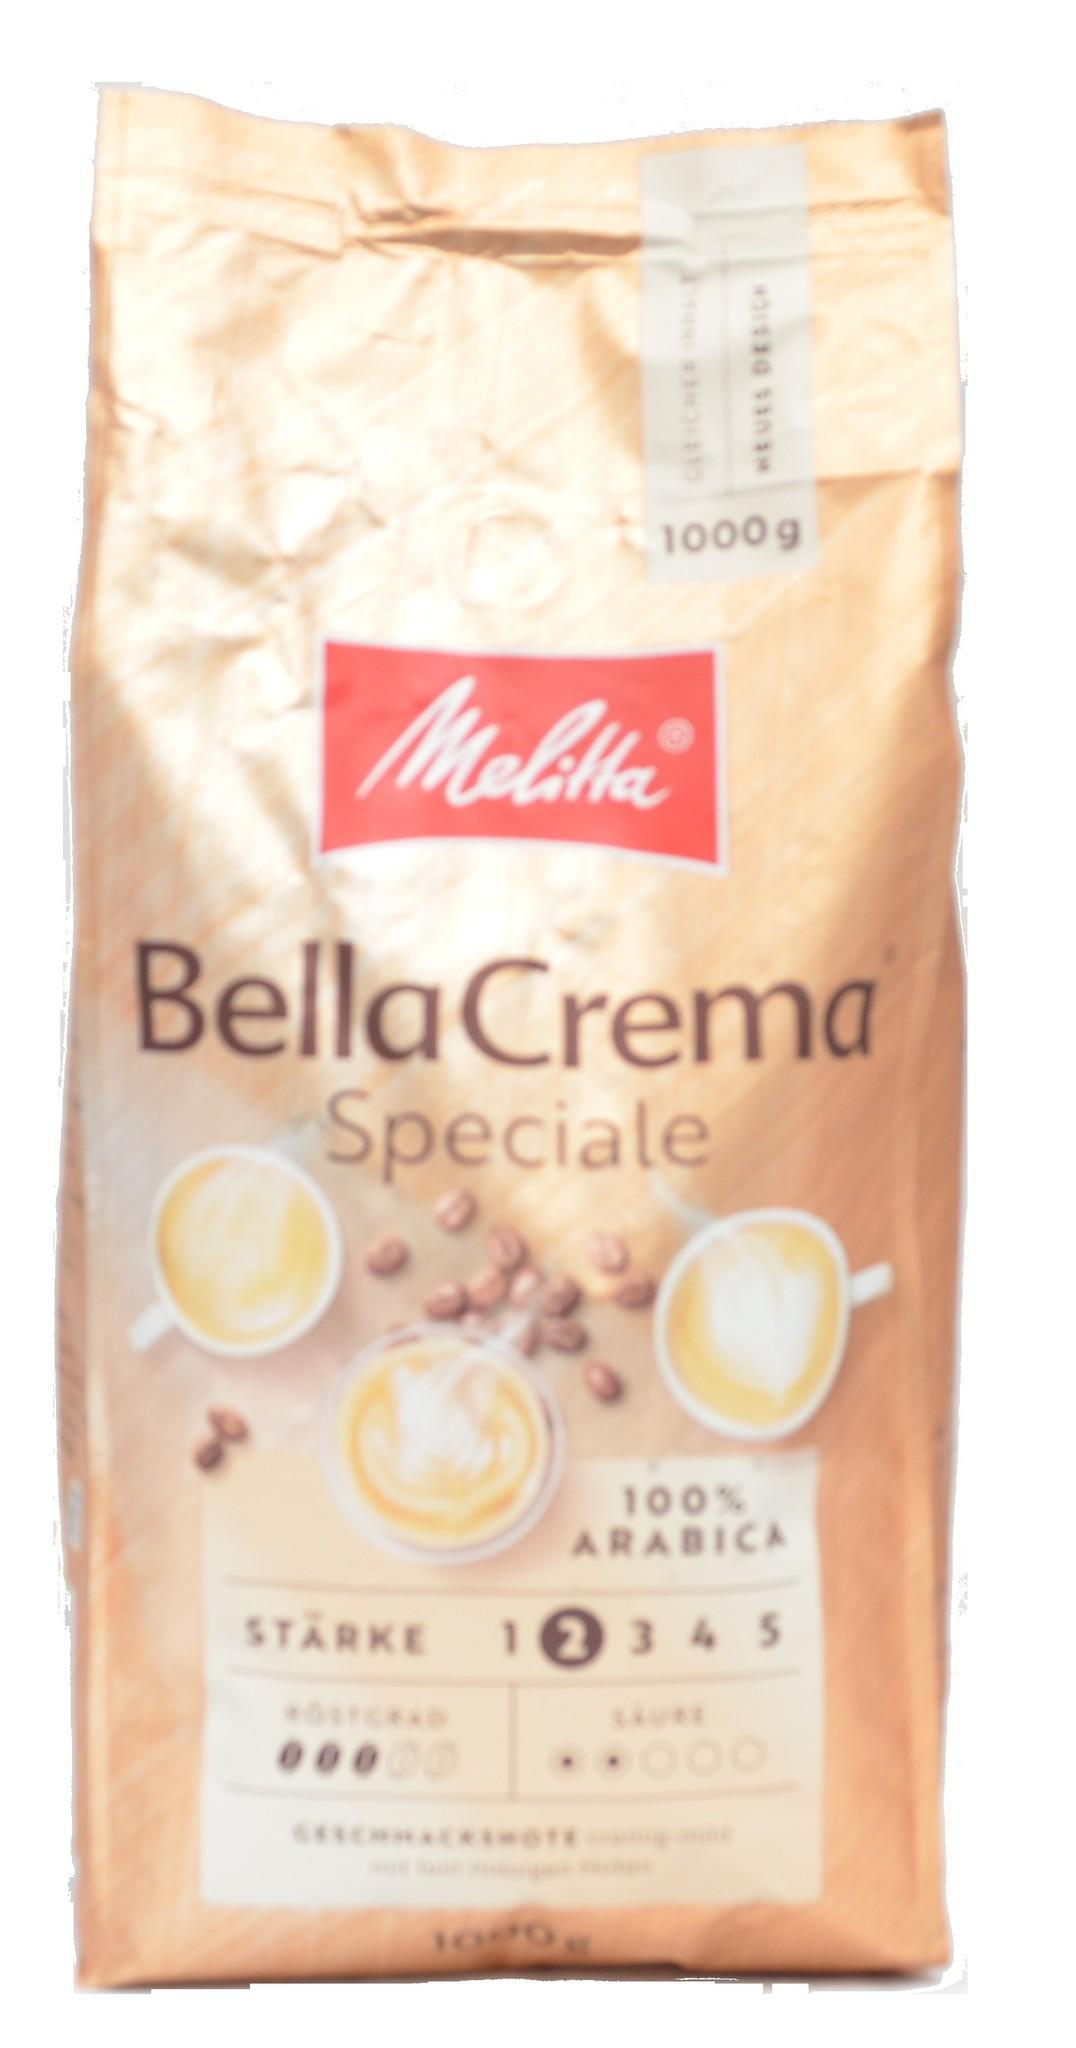 Melitta Bellacrema Speciale Bohnen 1 kg ab € 8.27